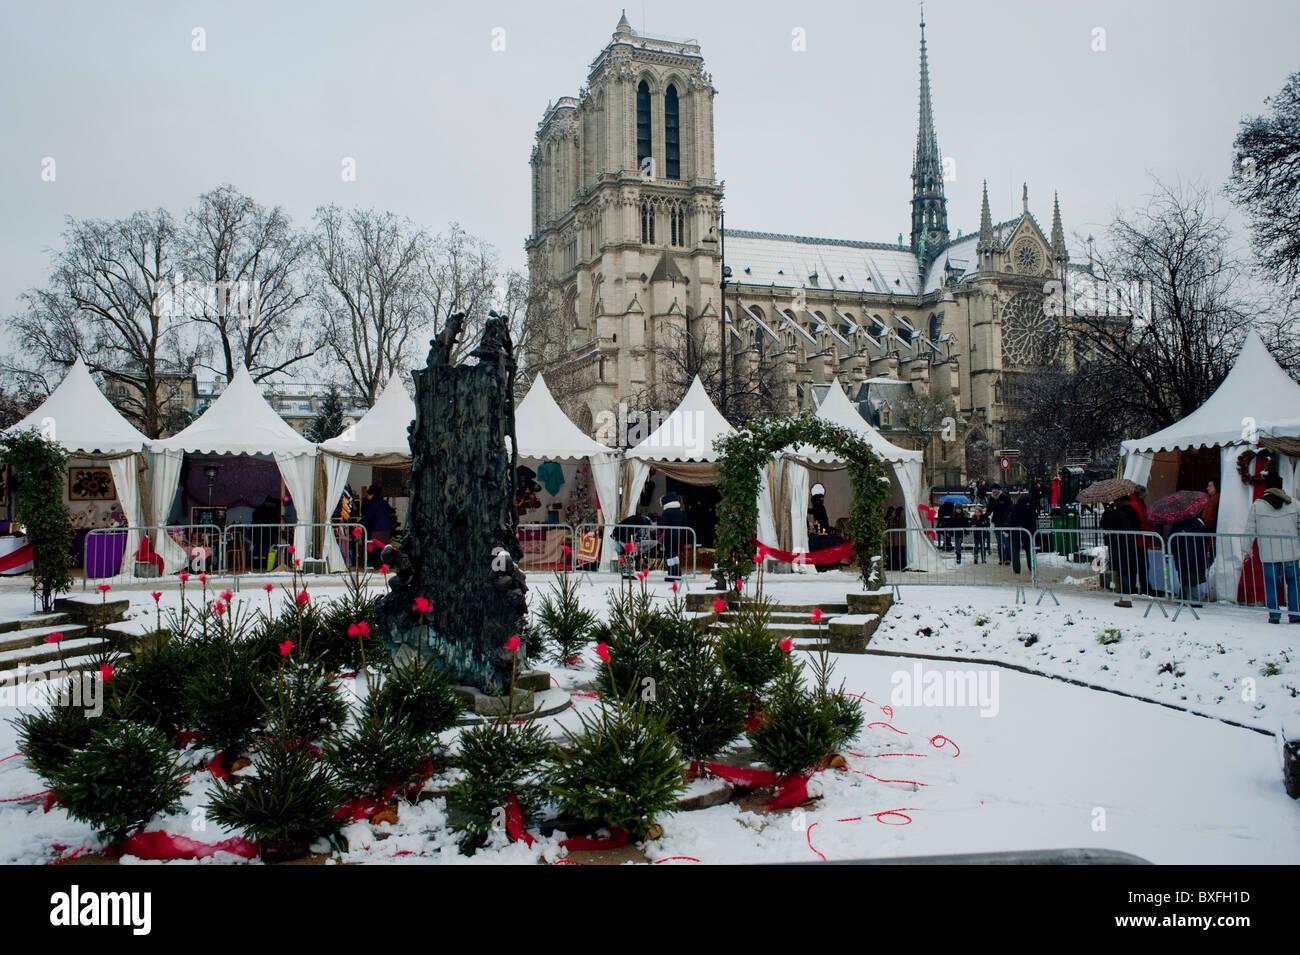 Notre Dame Christmas Ornament - rjmovers.com